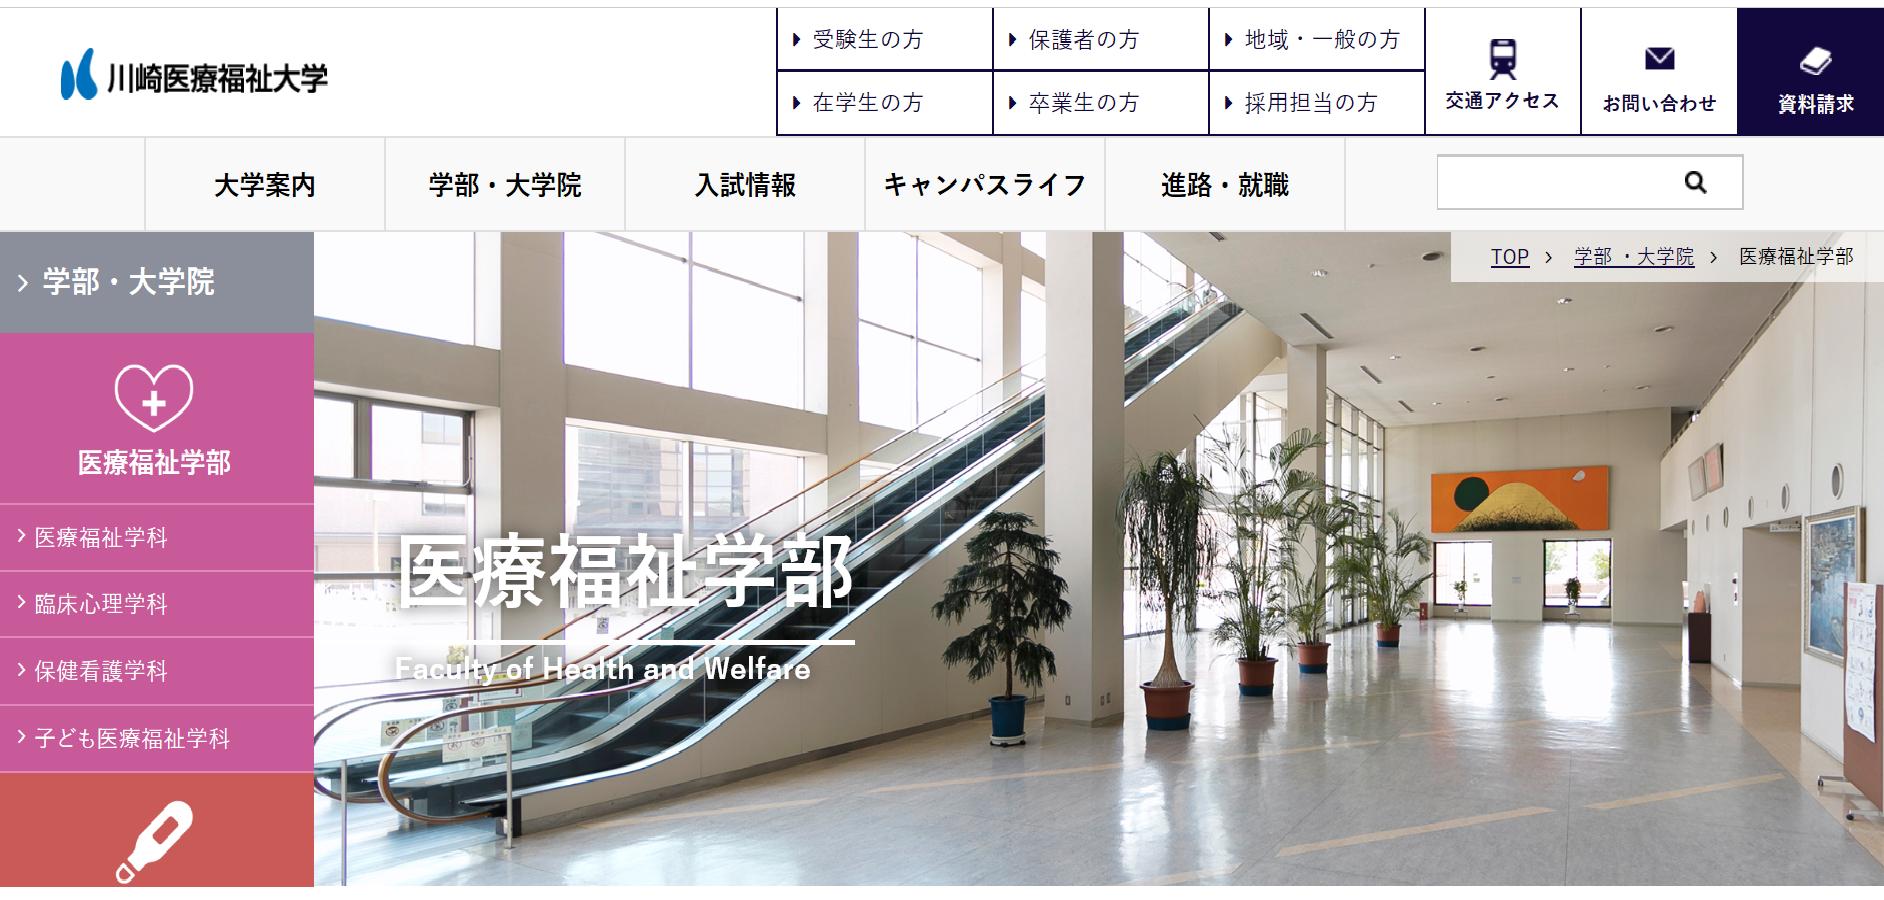 川崎医療福祉大学の評判・口コミ【医療技術学部編】